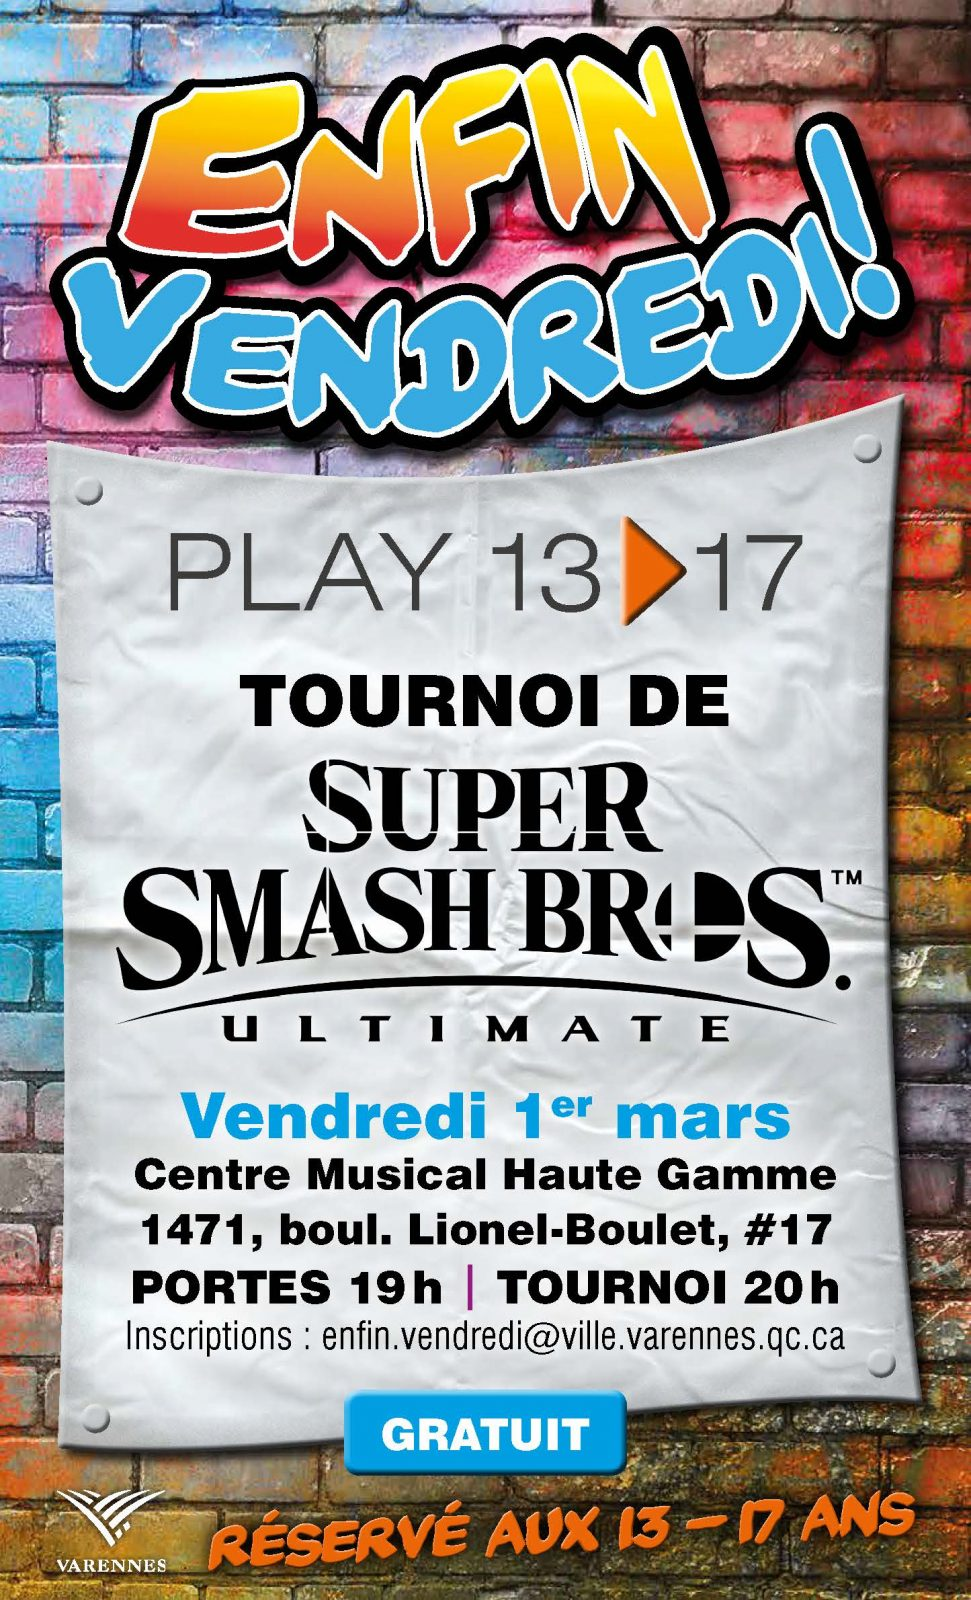 Enfin vendredi! : une nouvelle programmation pour les 13 – 17 ans à Varennes